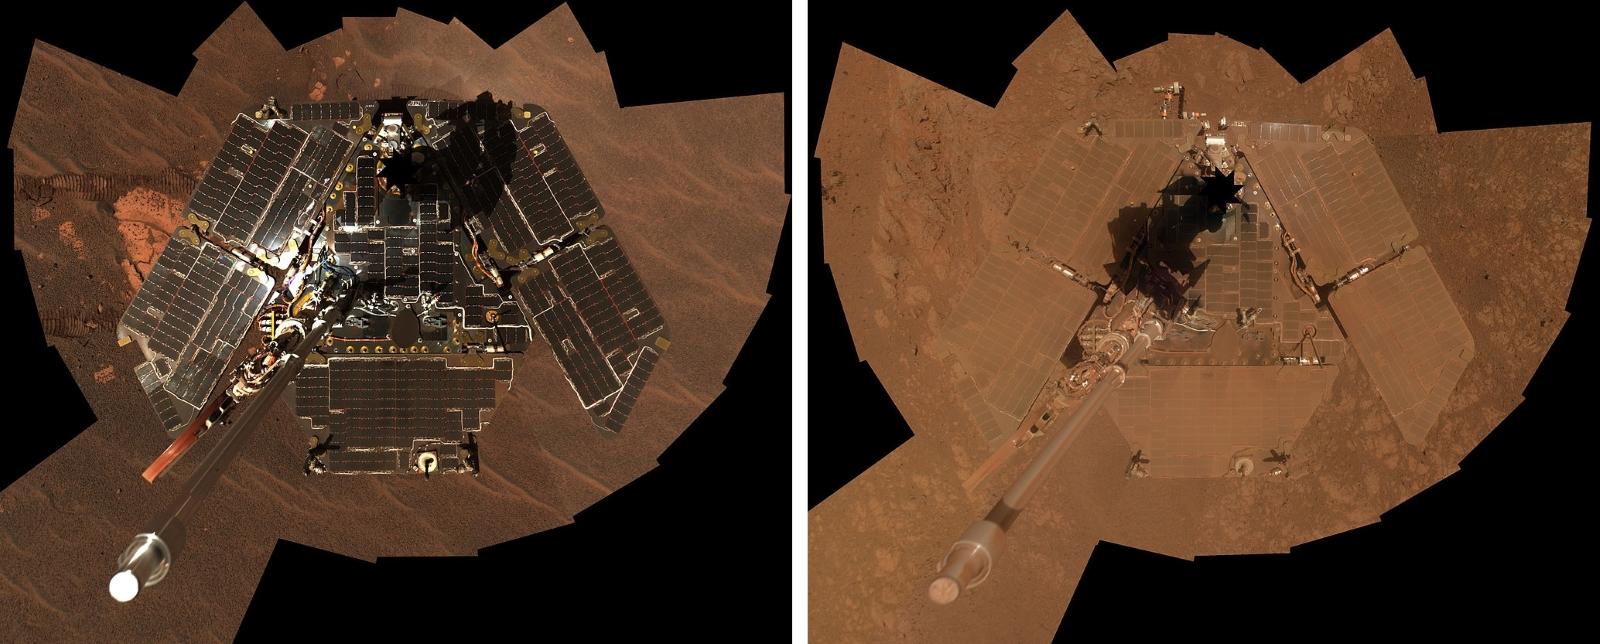 Selfie roveru Opportunity. Vlevo prosinec 2004, vpravo leden 2014